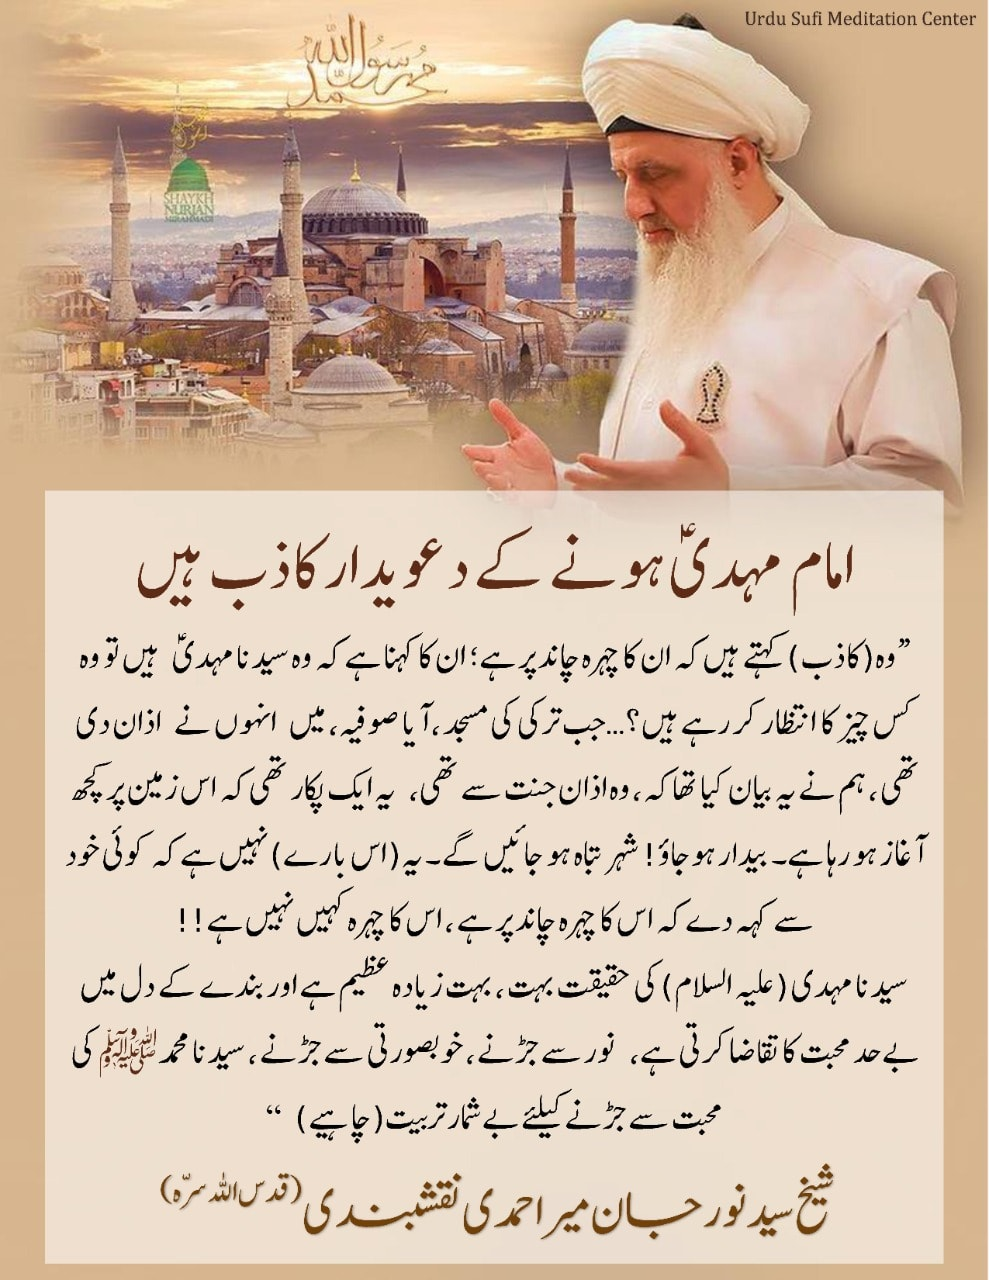 سیدنا امام محمد مہدی علیہ السلام کی طاقتور ترین اینرجی کی ڈھال - سوالات و جوابات...